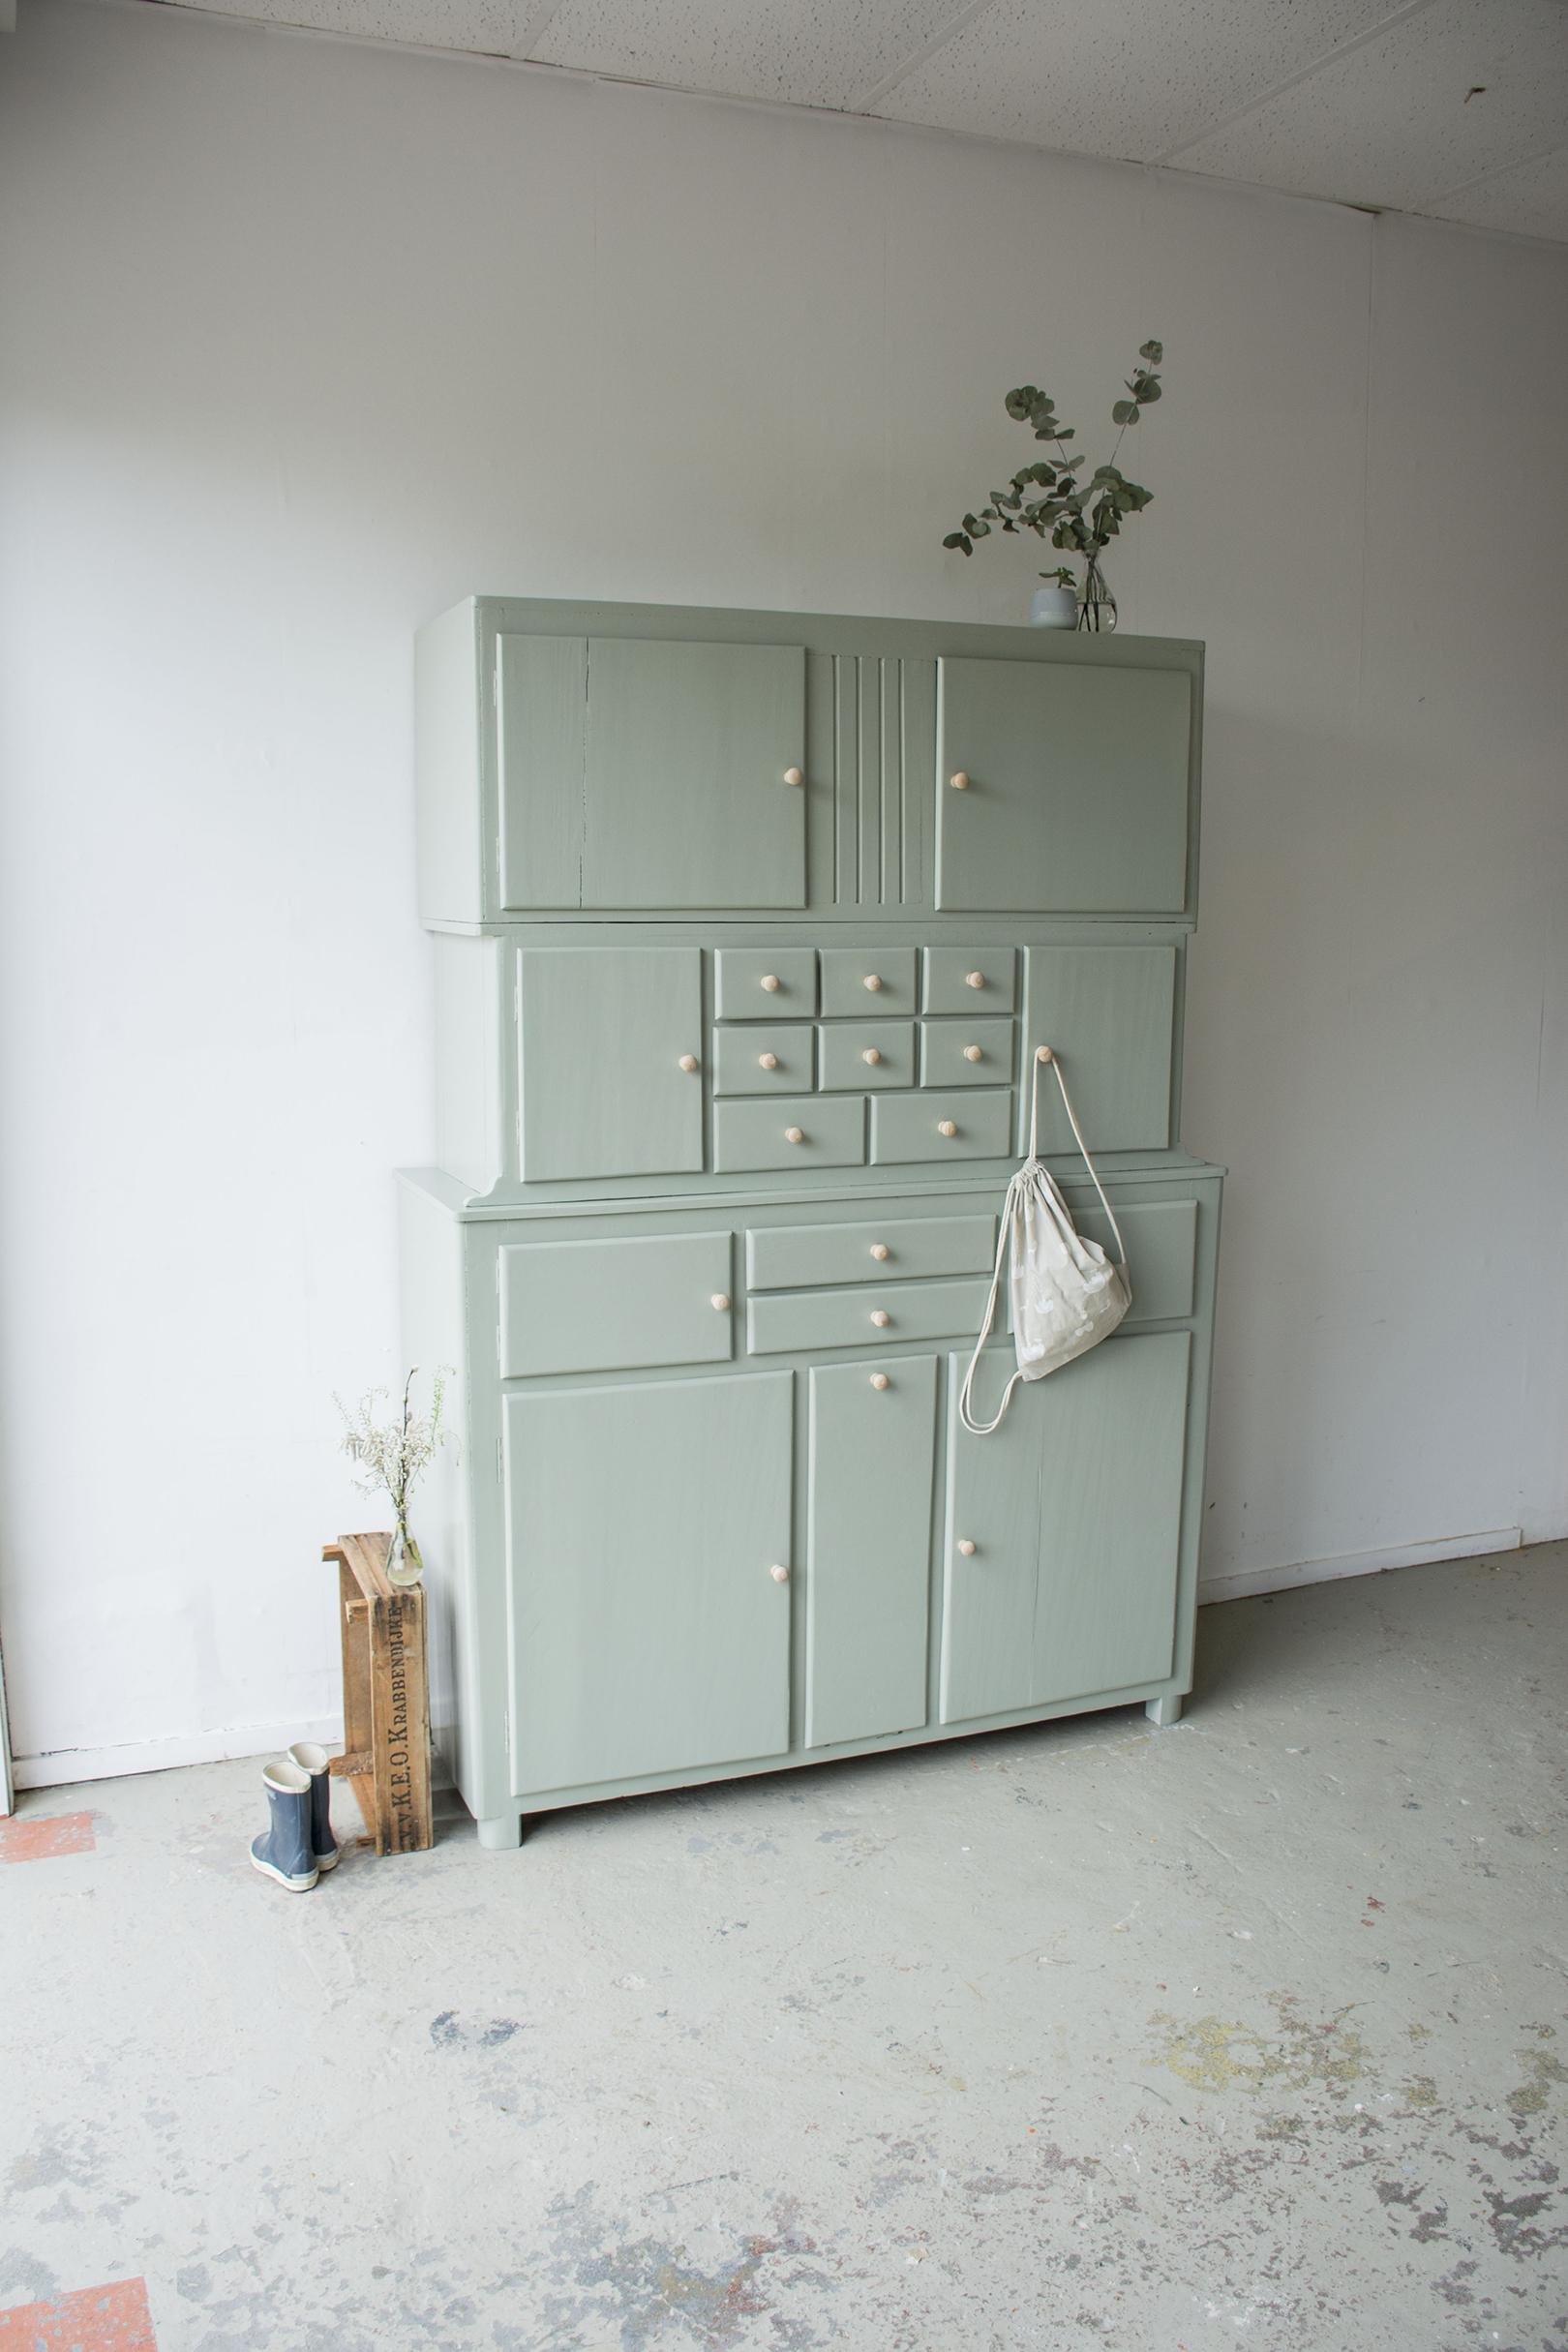 _Grijsgroene driedelige keukenkast - Firma zoethout_1.jpg